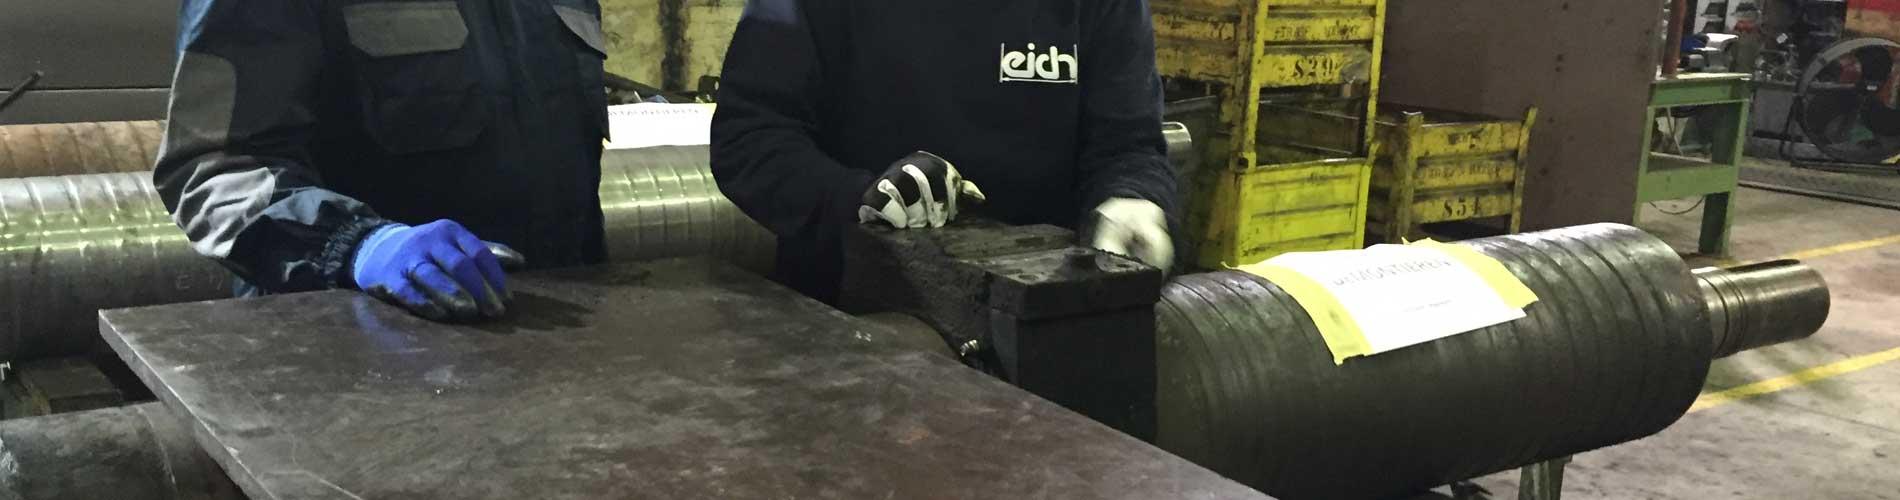 Eich Rollenlager GmbH